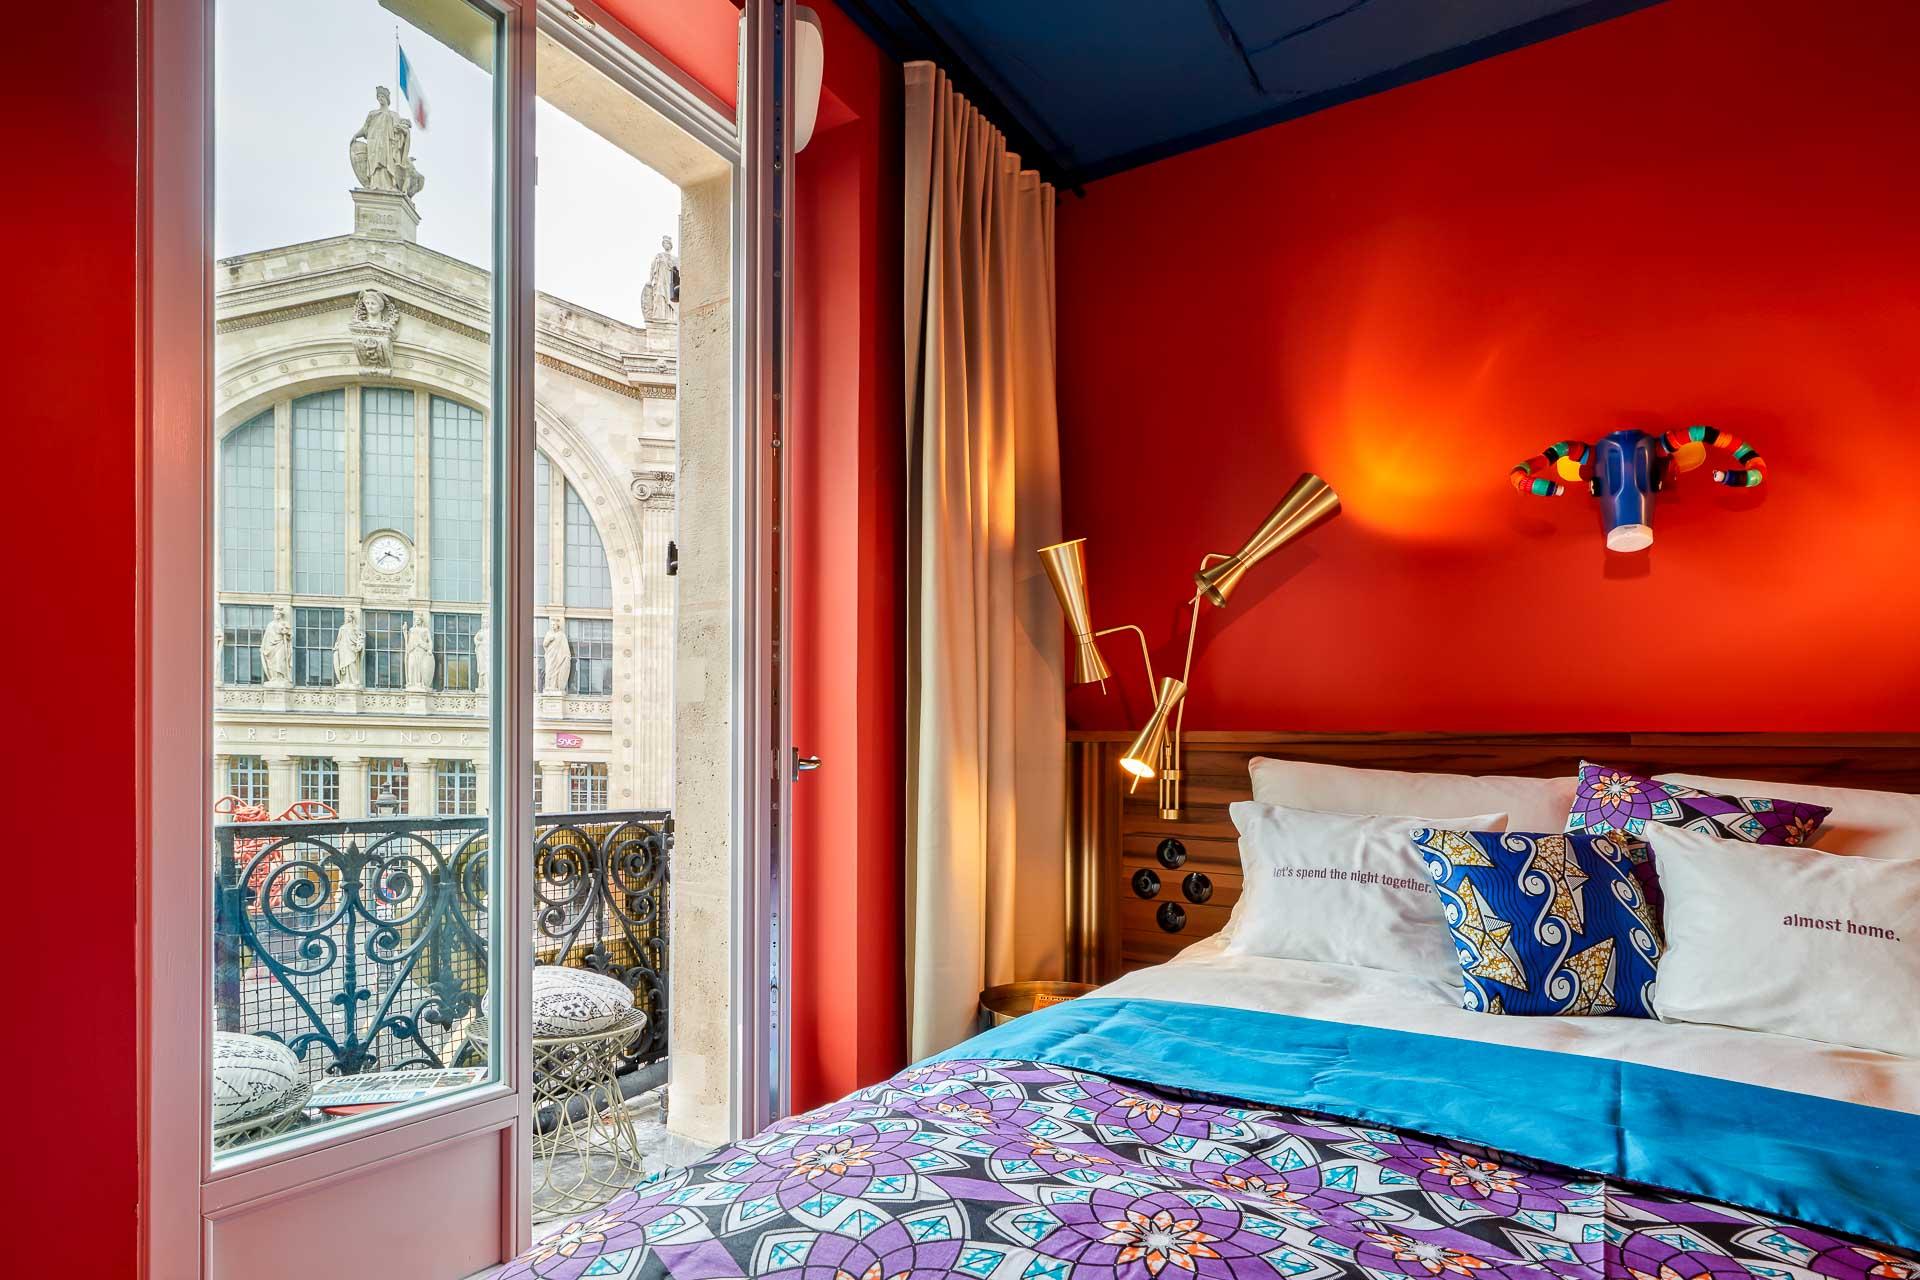 C'est une nouvelle adresse qui n'a pas fini de faire parler d'elle. L'enseigne allemande 25hours, reconnue pour l'atmosphère cool et le design léché de ses hôtels, dévoile son premier hôtel à Paris, face à la Gare du Nord. Chambres colorées, bar branché et table cosmopolite sont au programme.